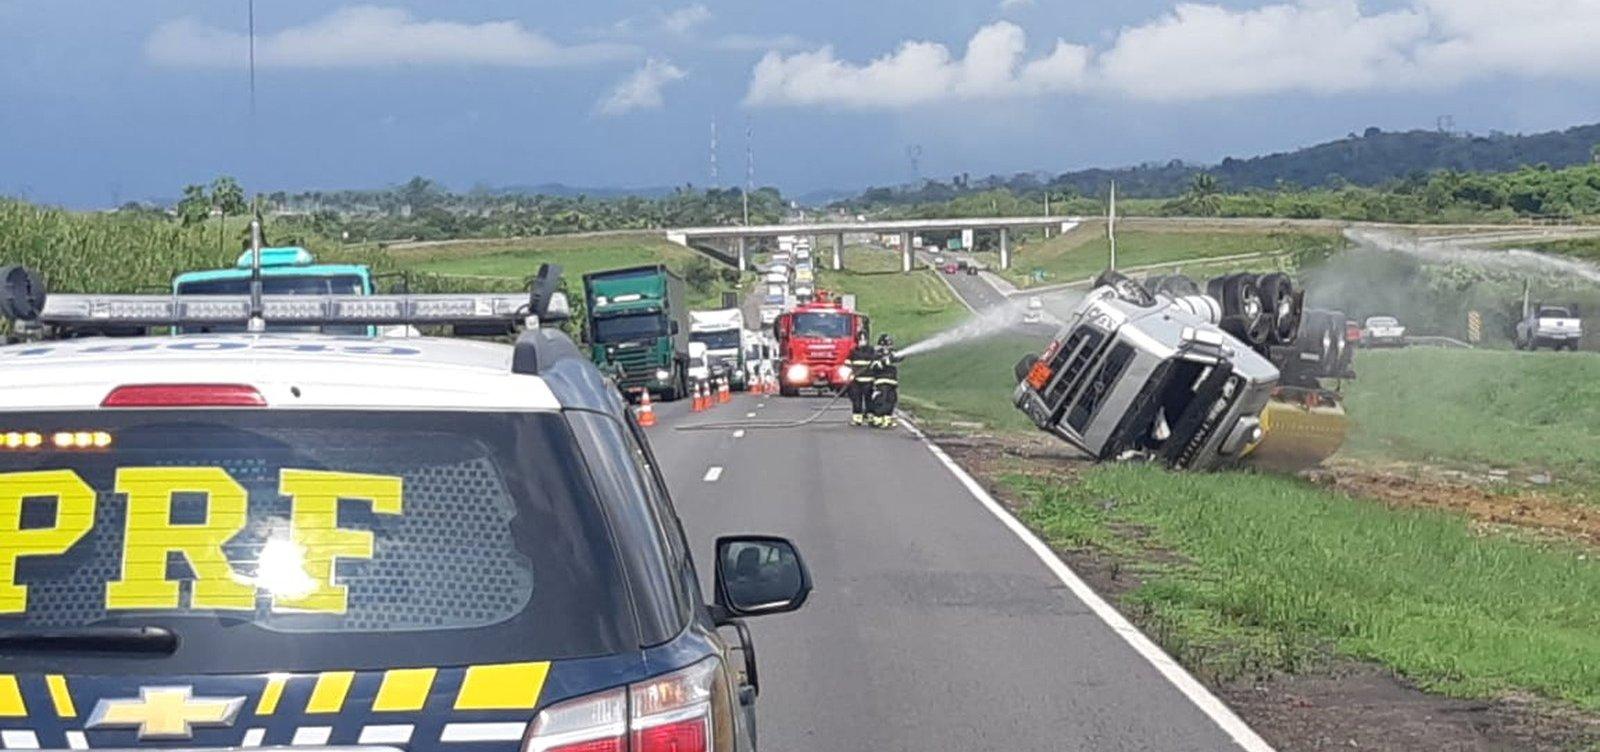 [Após acidente com caminhão-tanque, trânsito é liberado na BR-324]